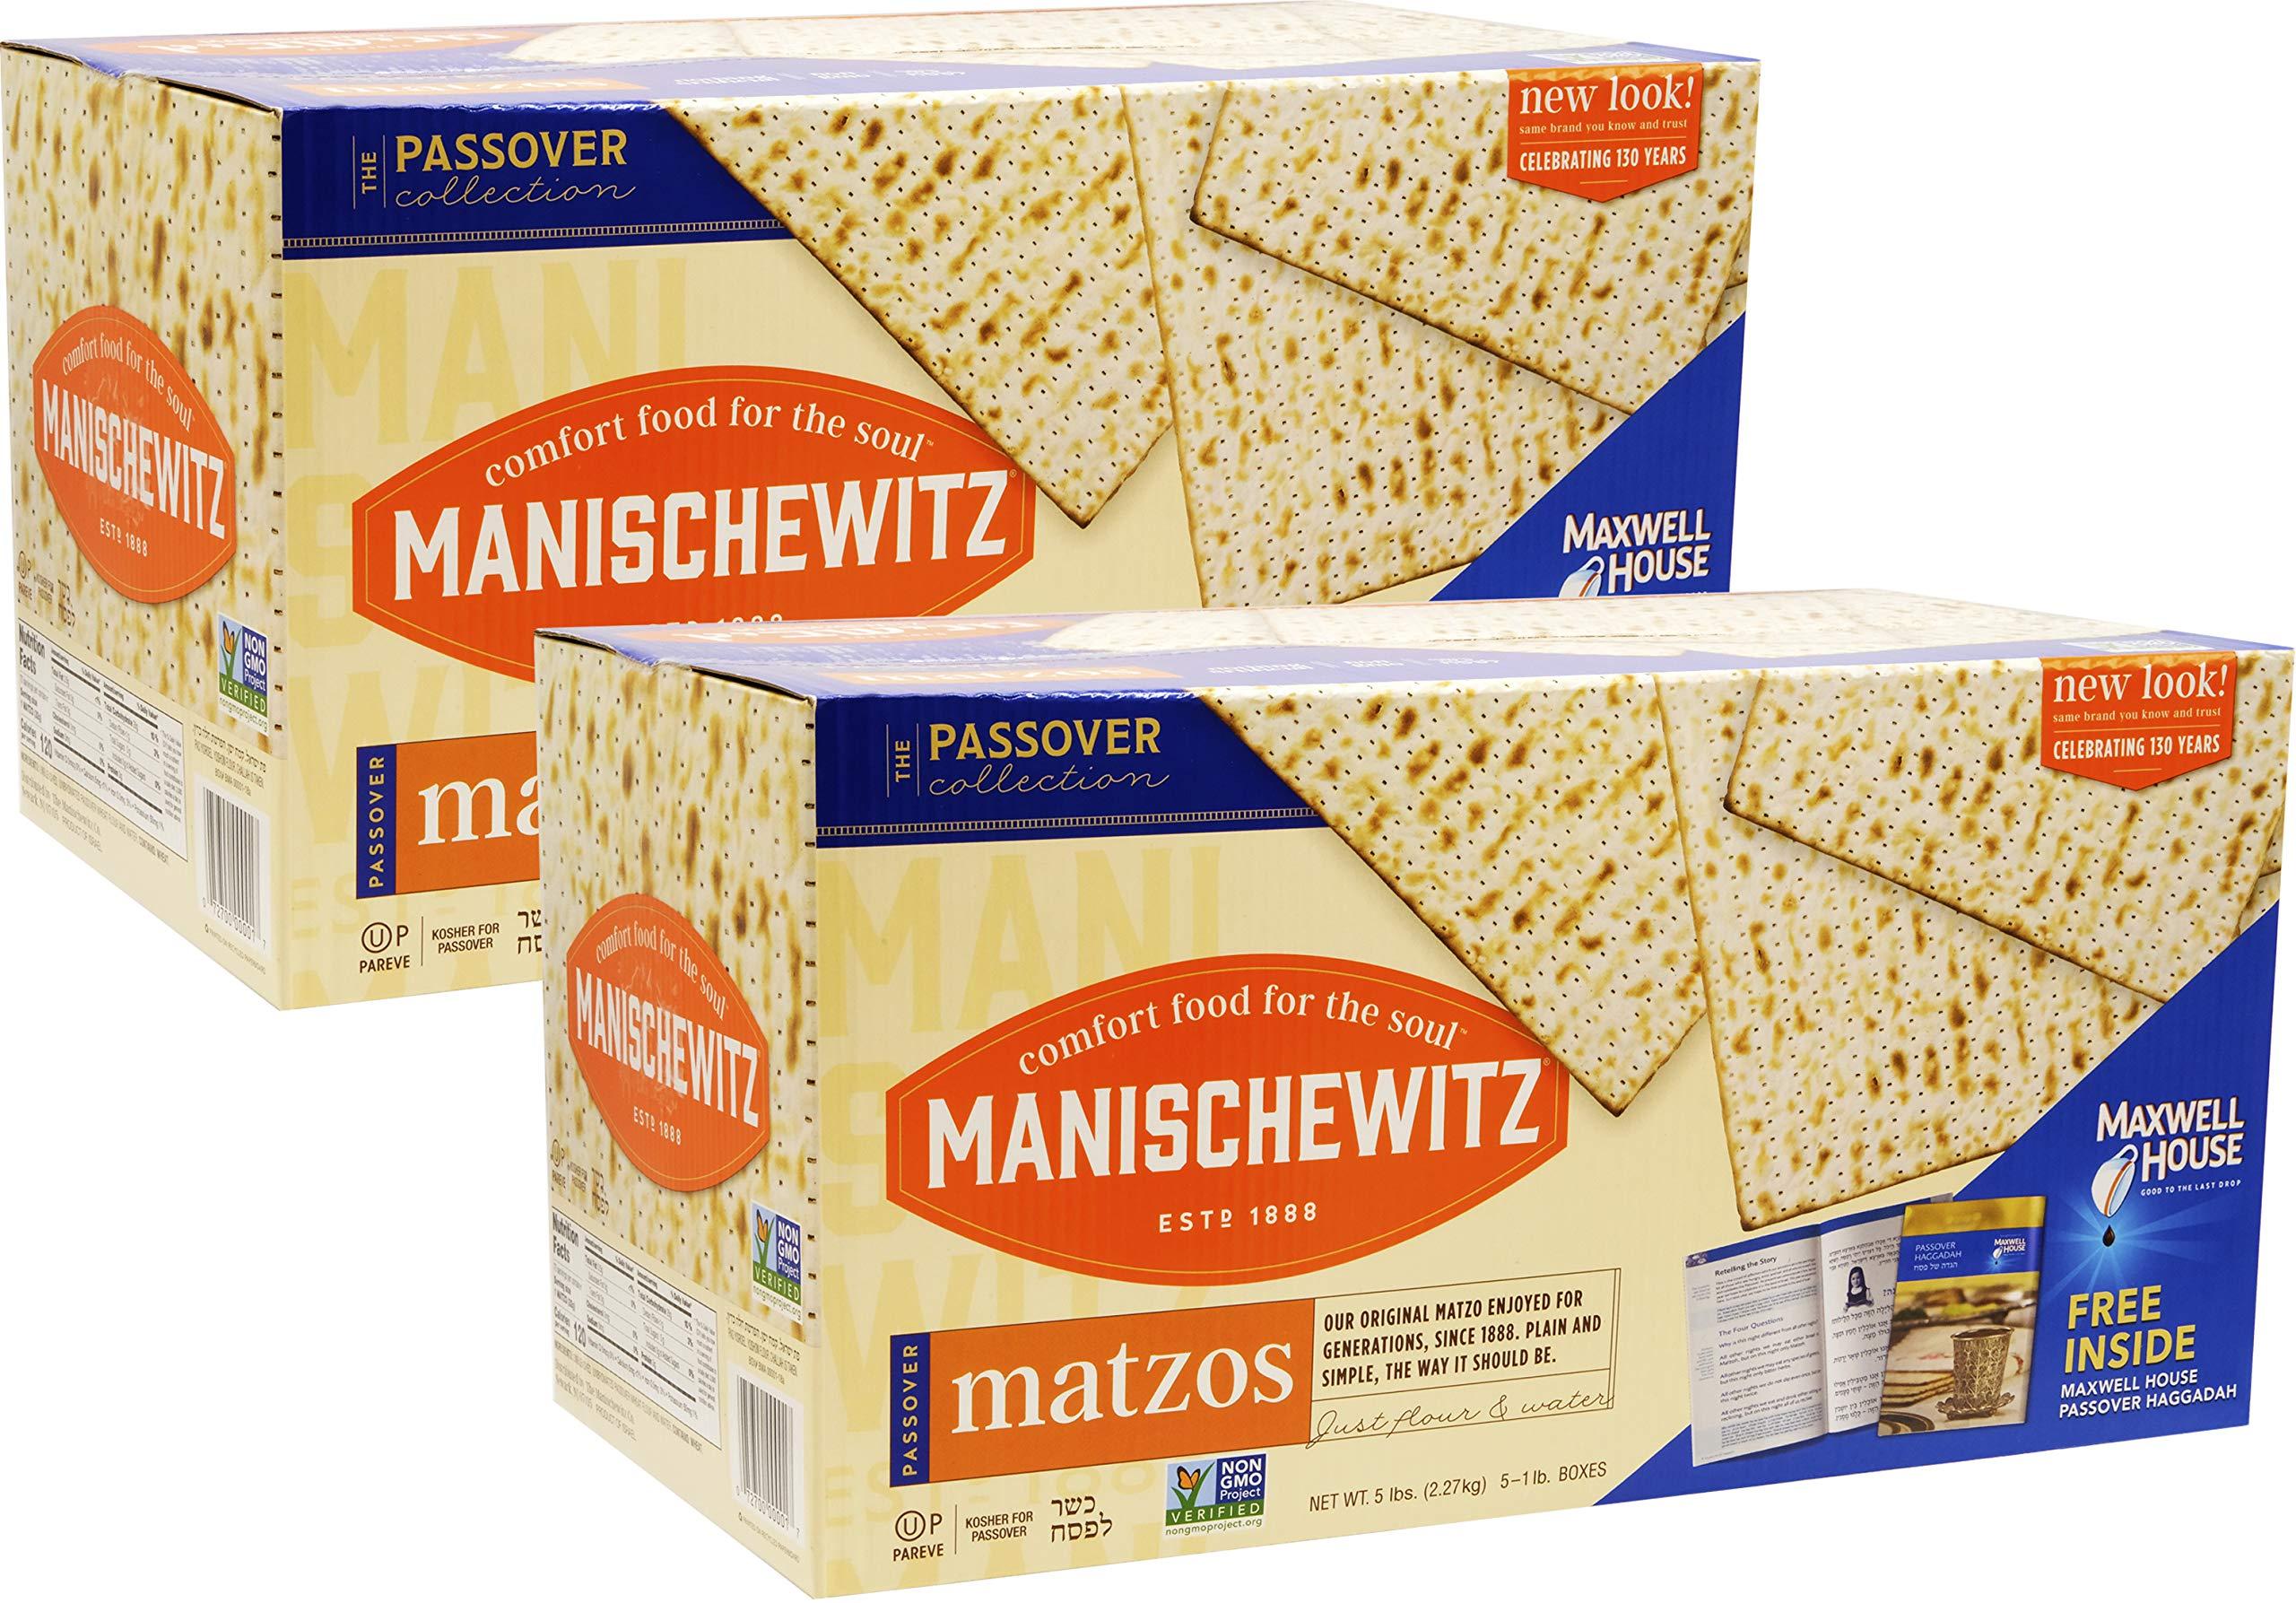 Manischewitz Matzo Kosher For Passover Matzah 10 LBS (10 Boxes)